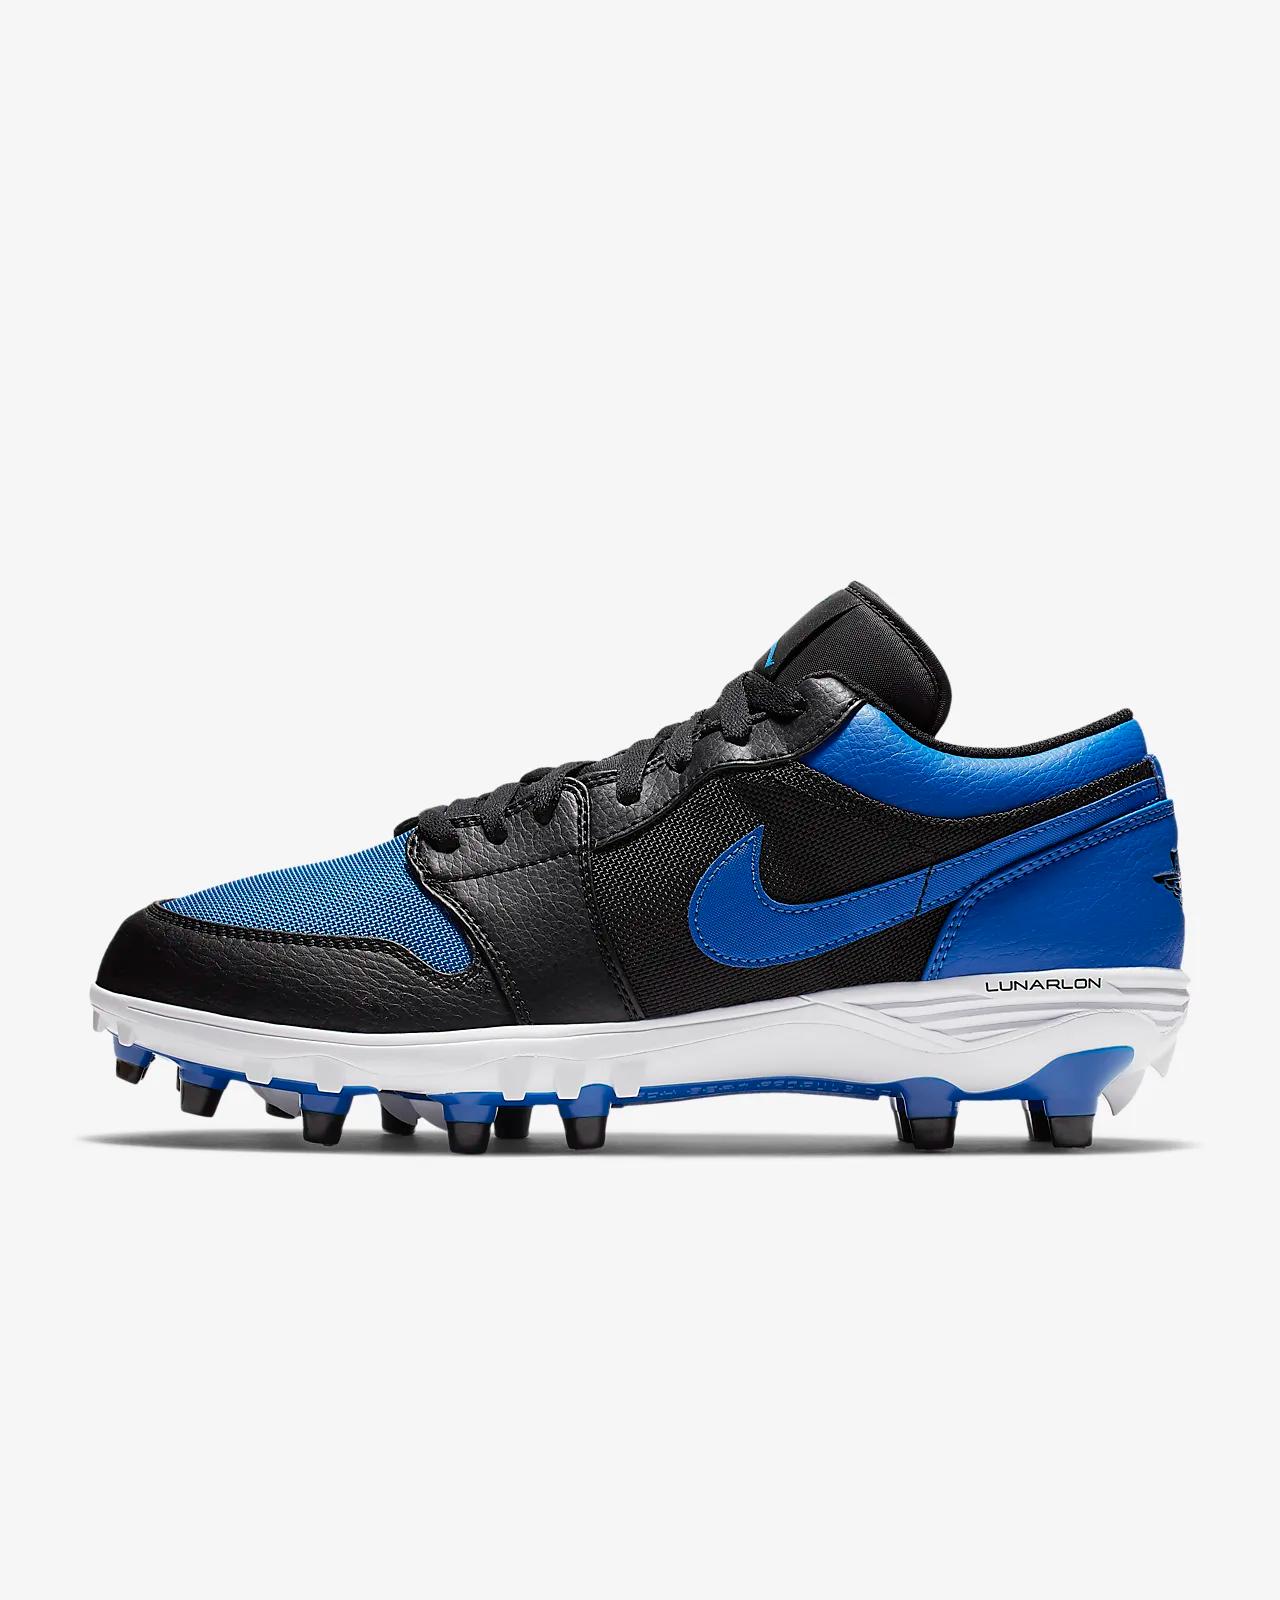 Air Jordan 1 Low Football Cleats